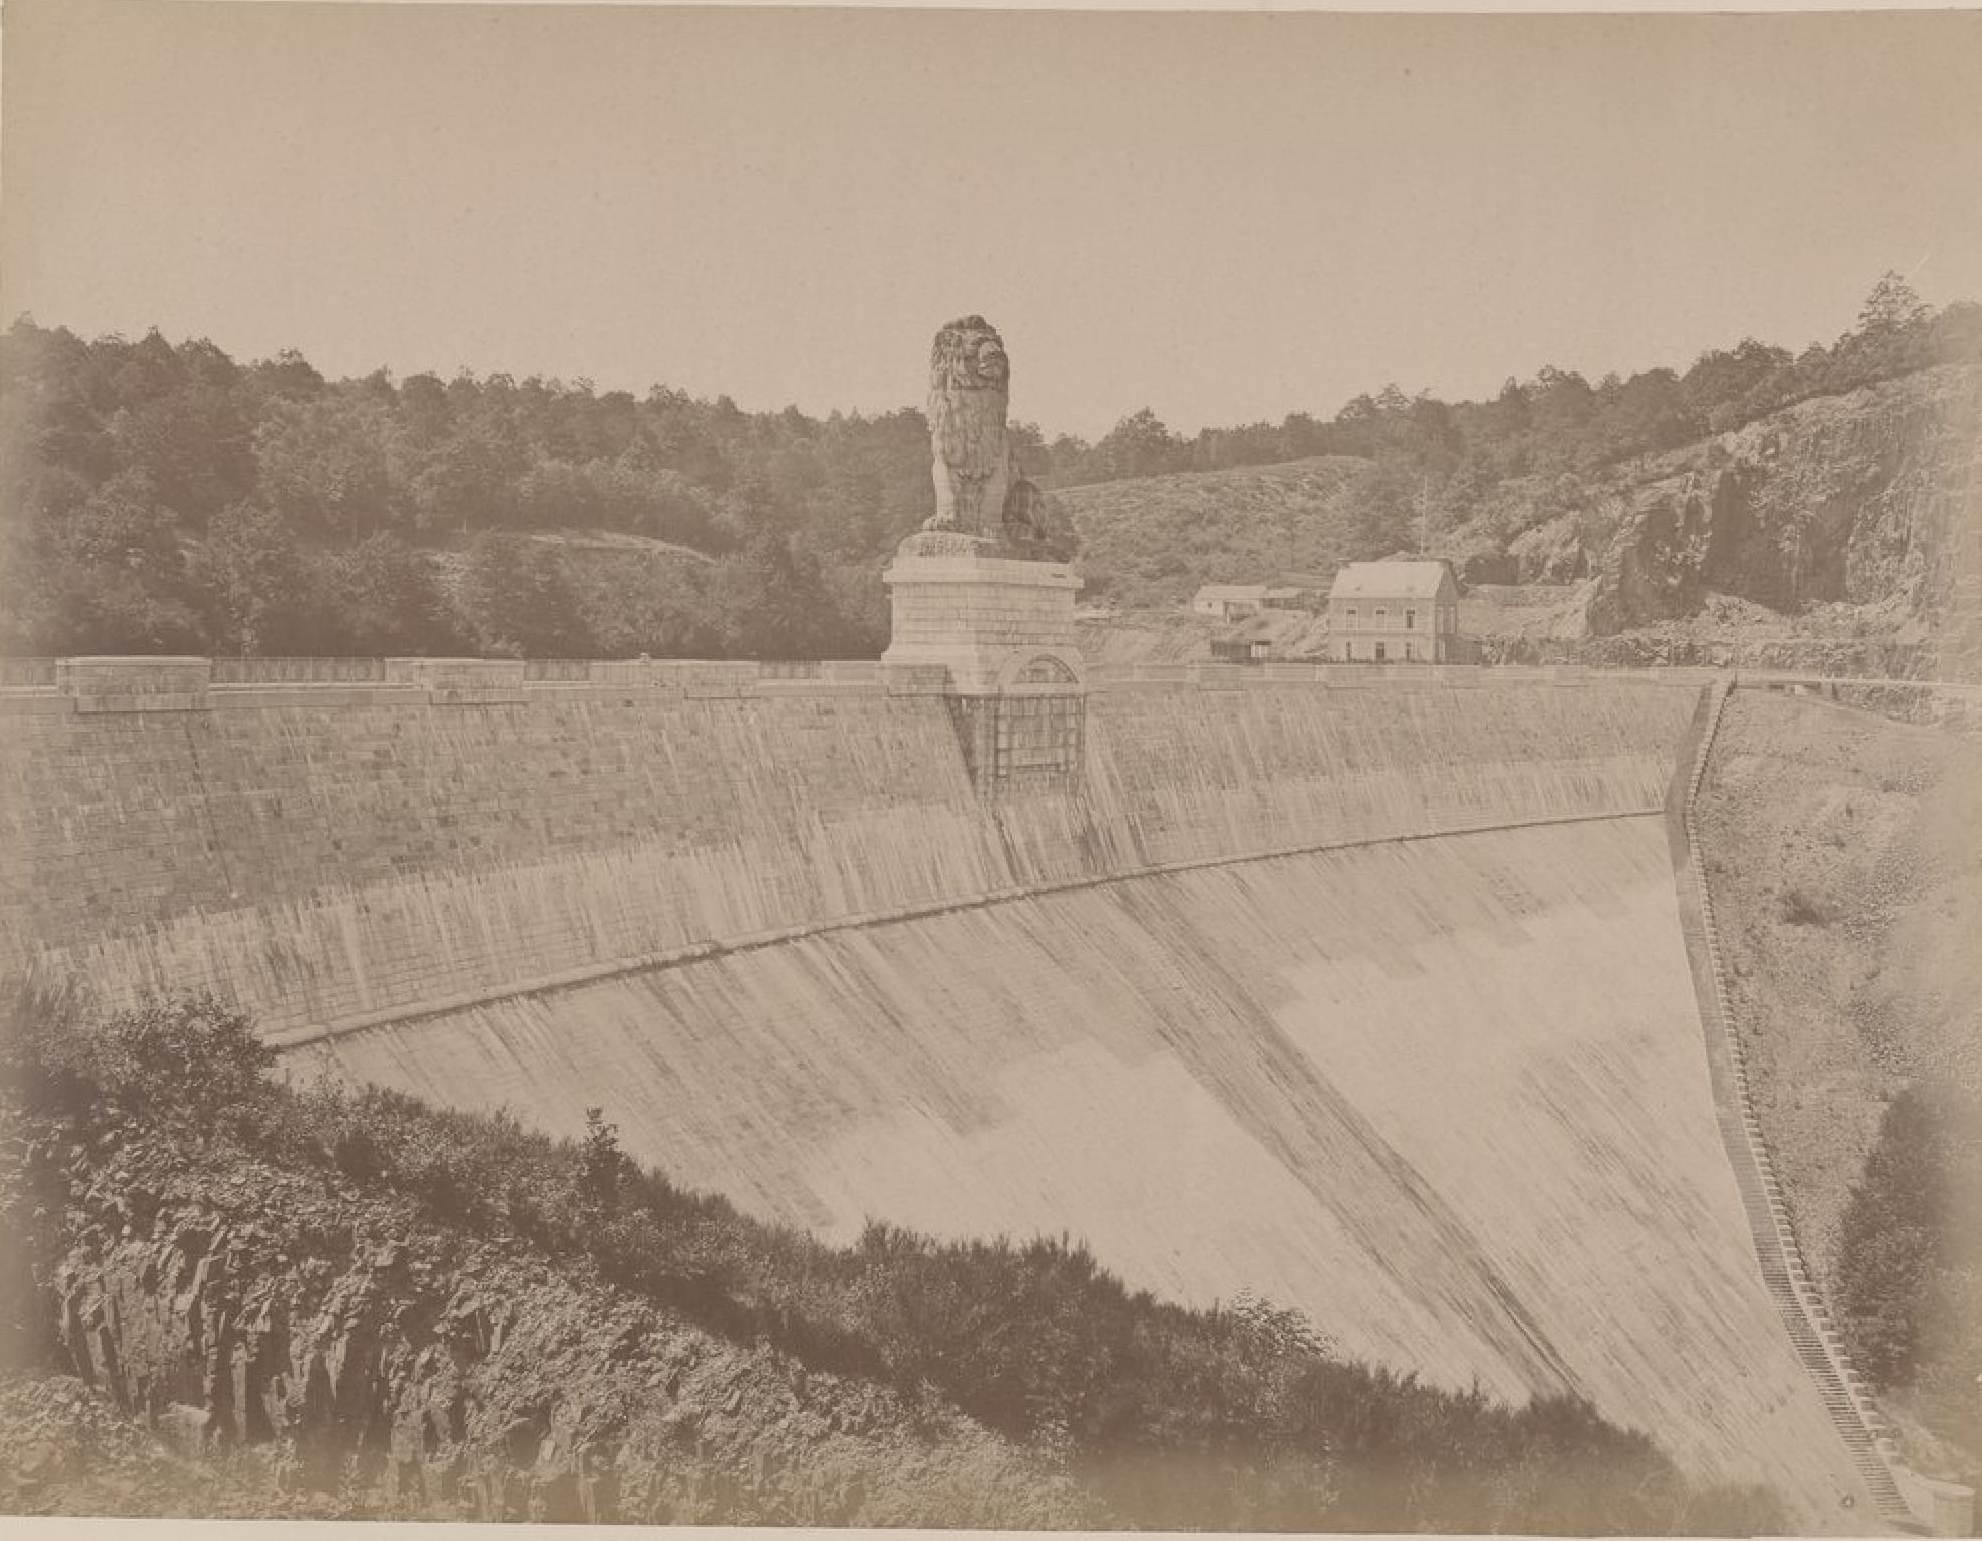 Бельгия. Окрестности Спа. Дамба Гилеппе, 21 мая 1888